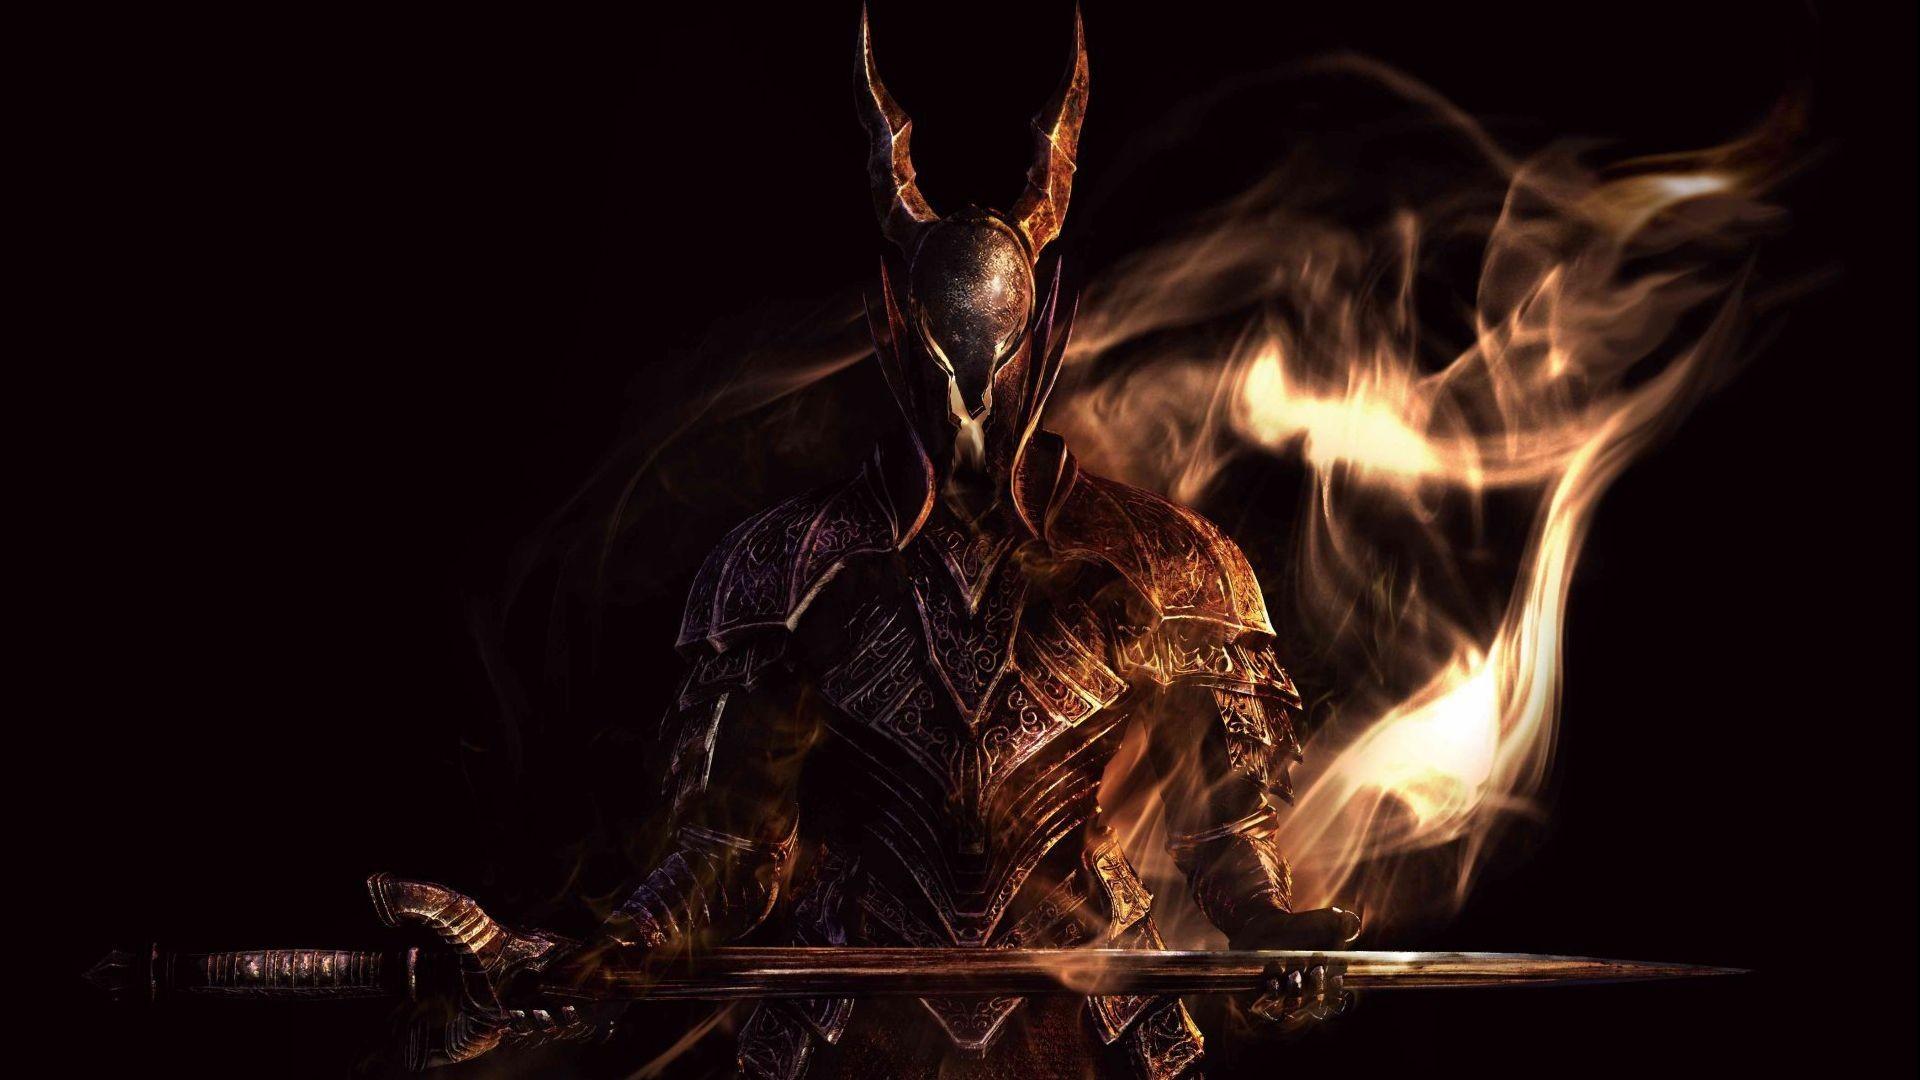 Dark Souls Wallpaper (69+ images)